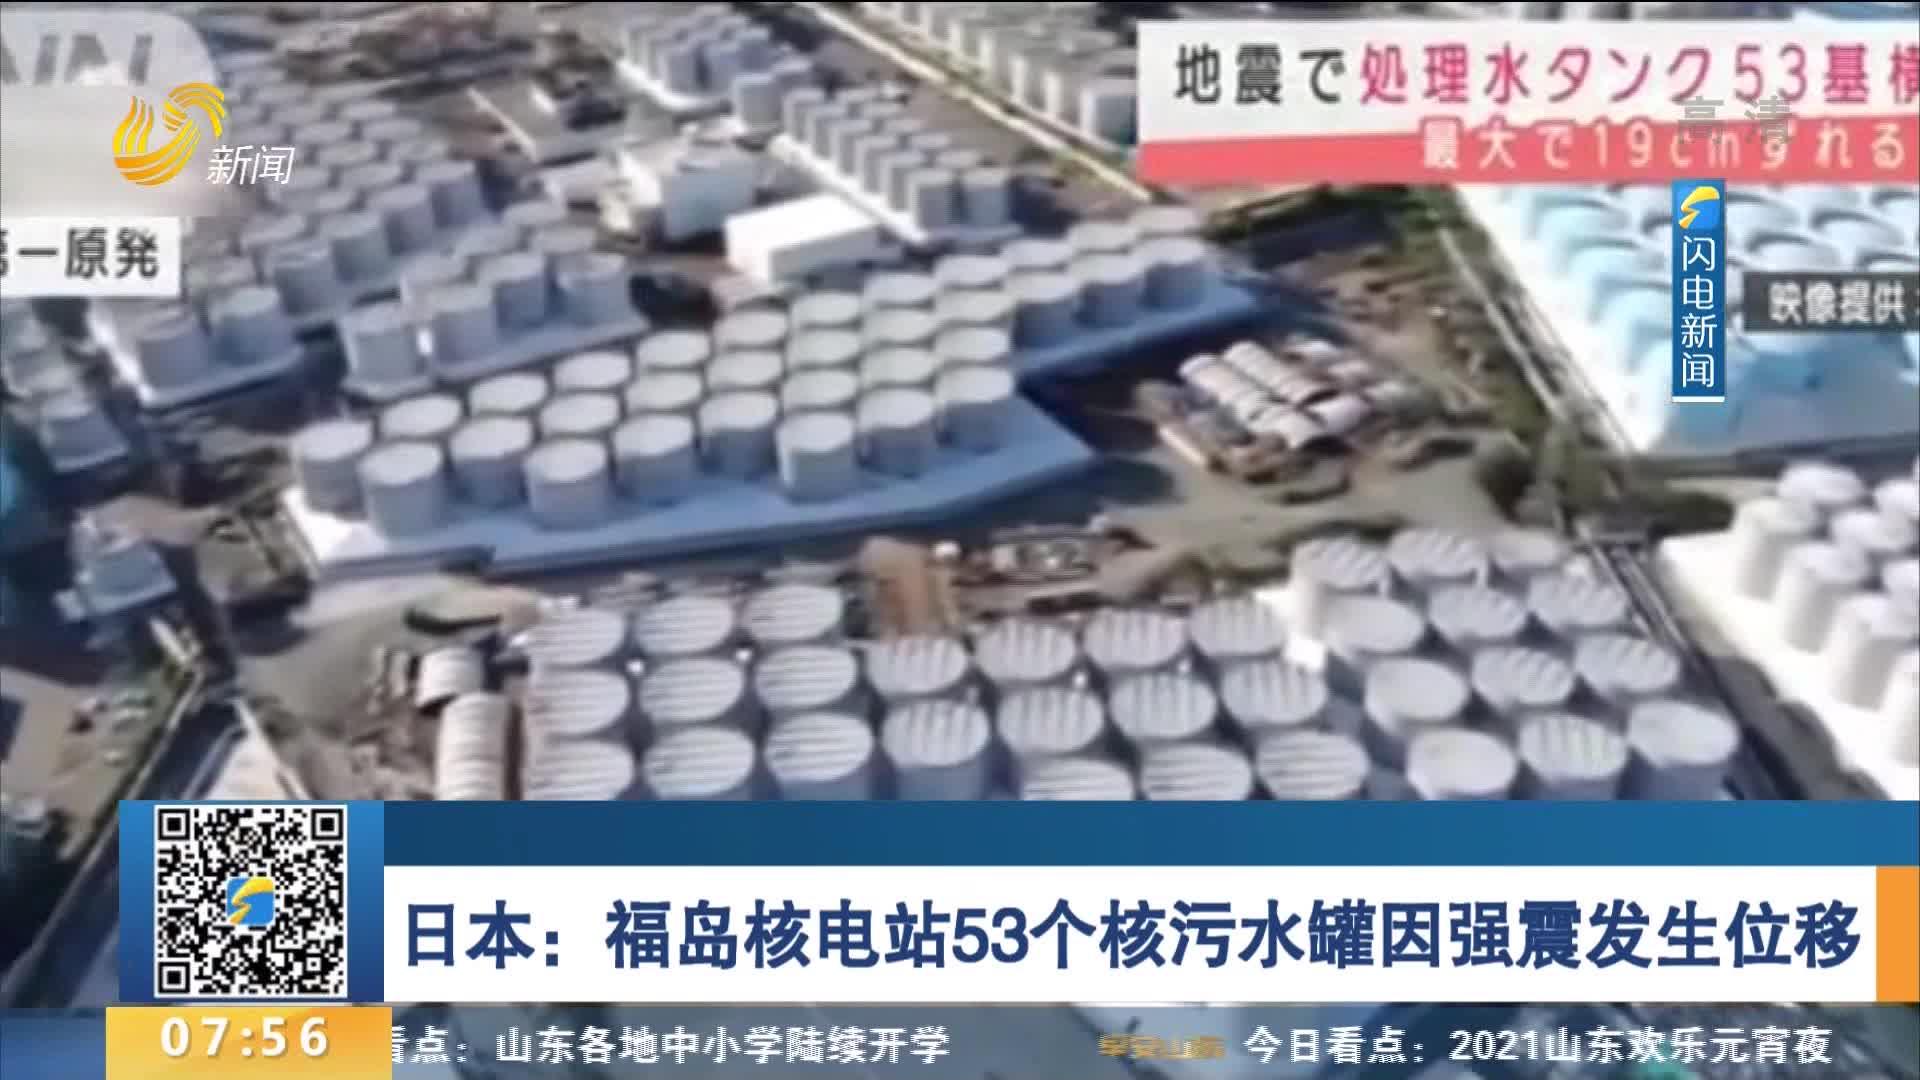 日本:福岛核电站53个核污水罐因强震发生位移